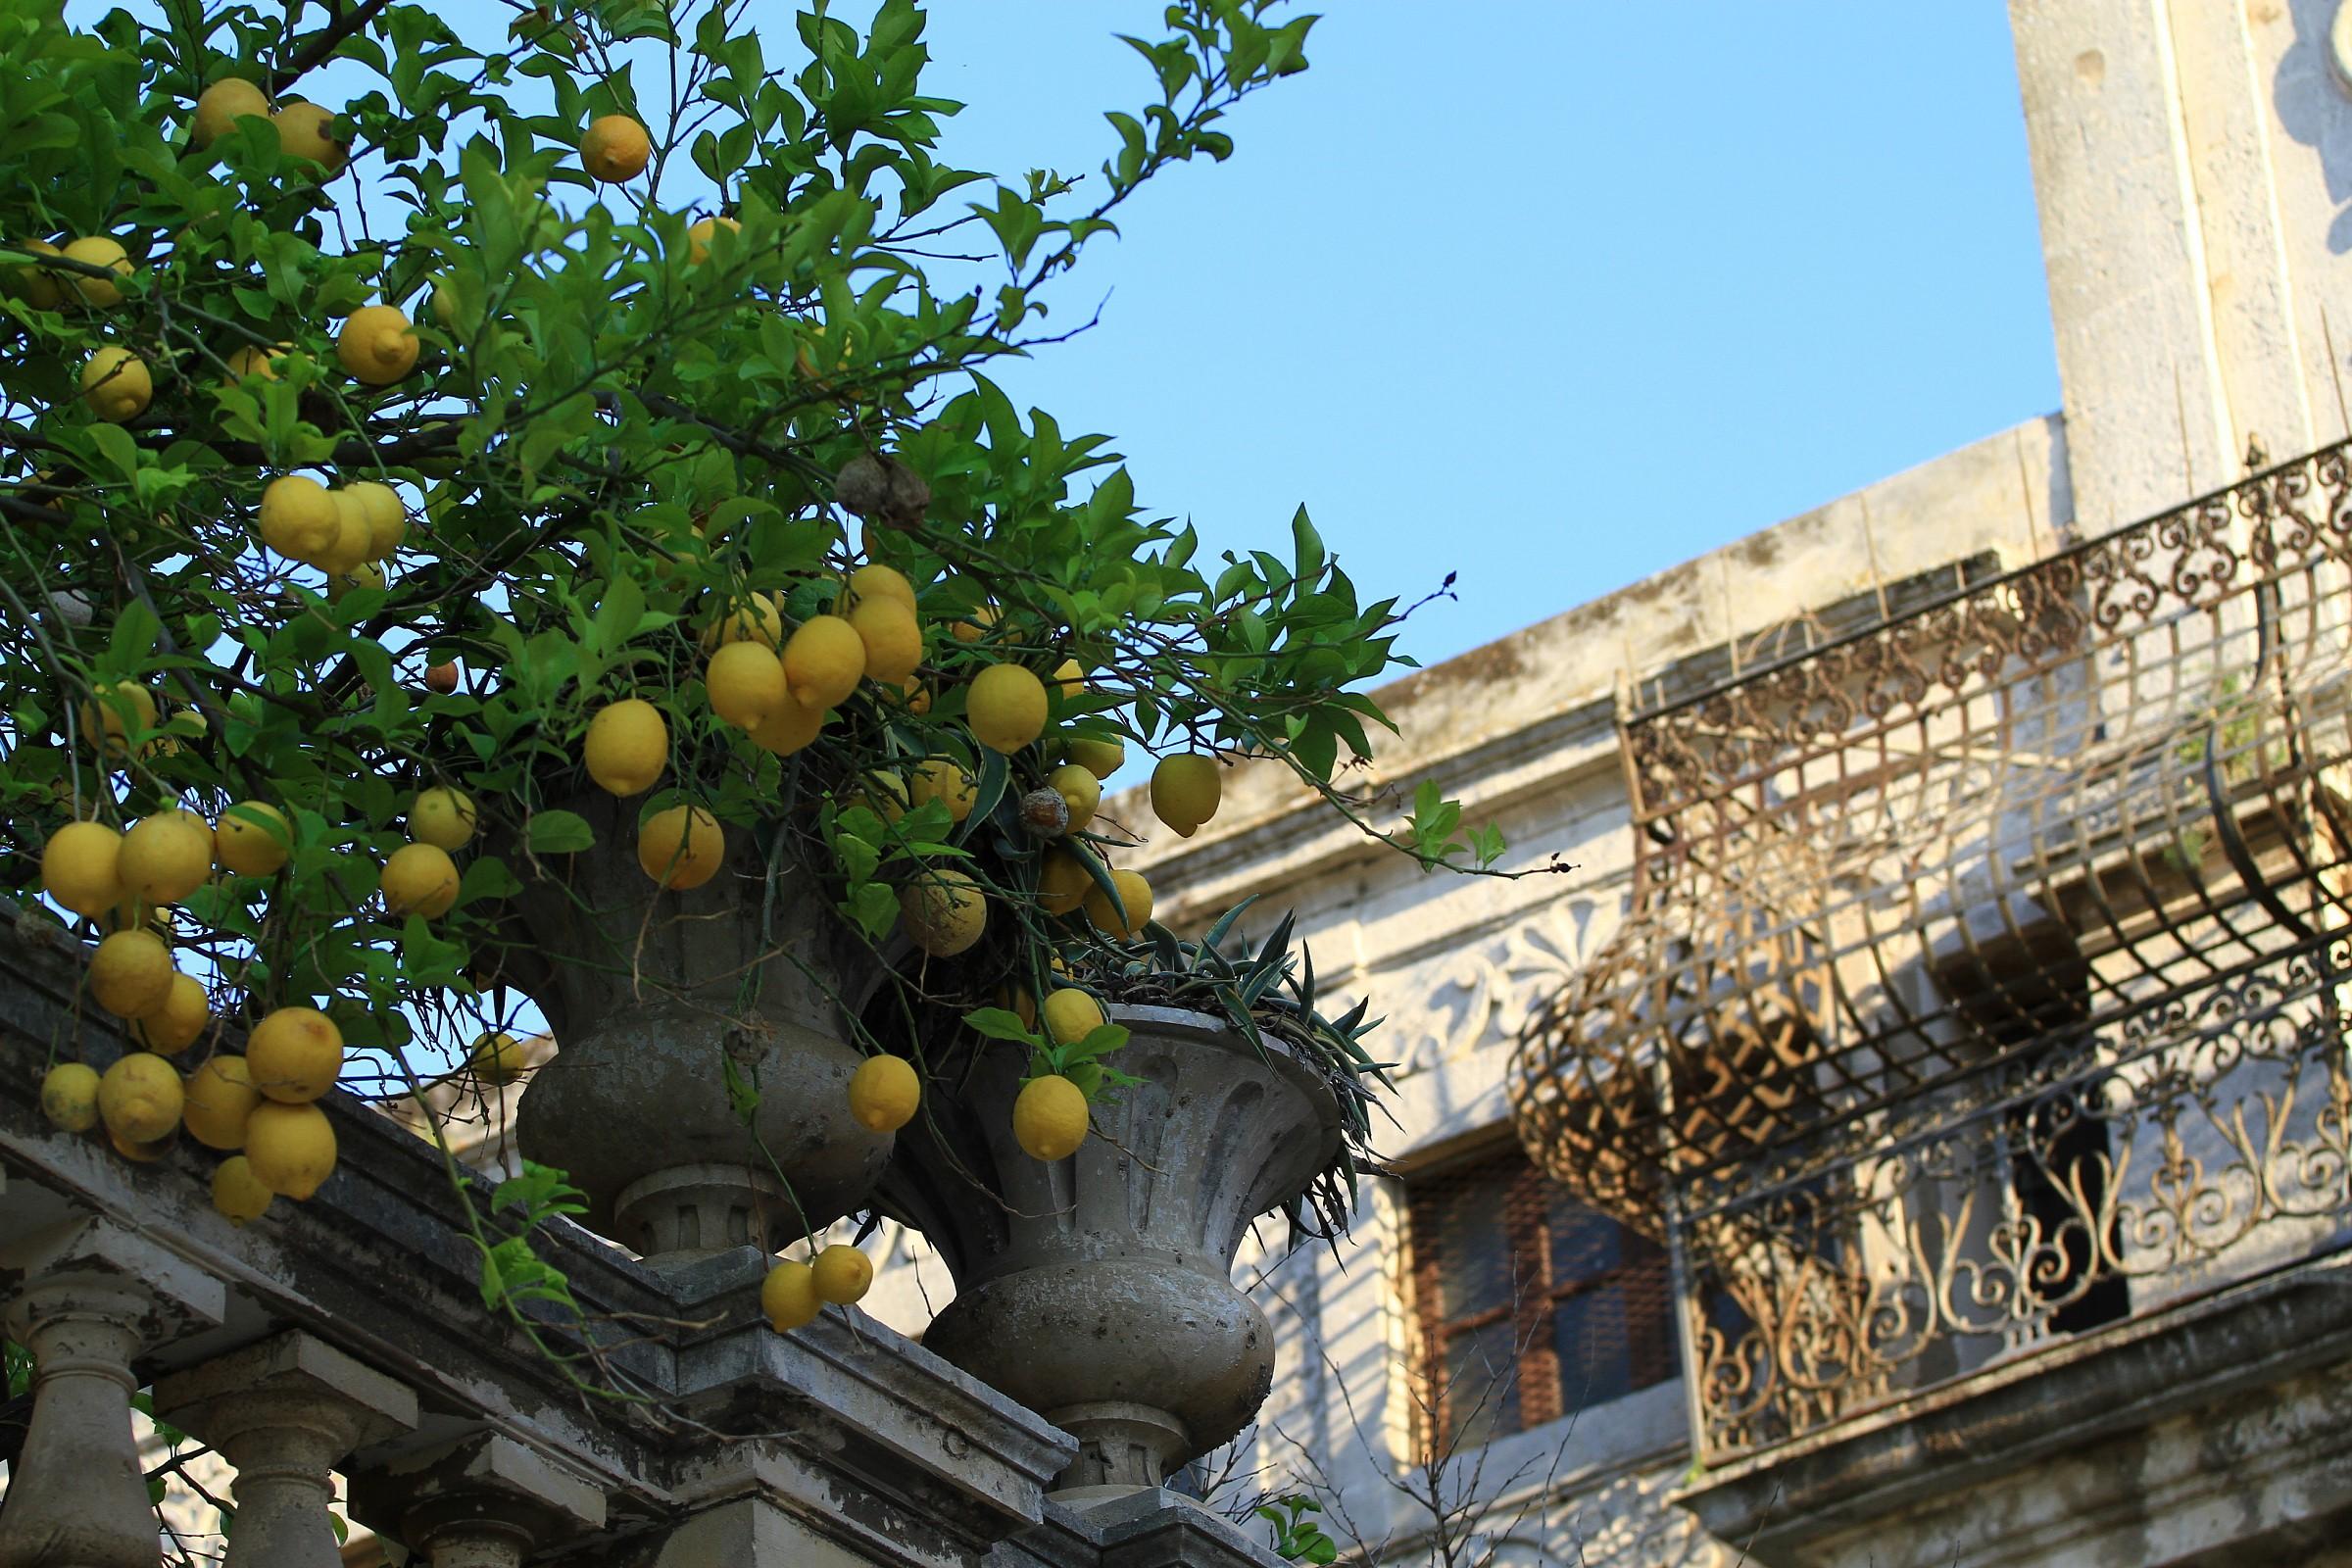 Angle of lemons...